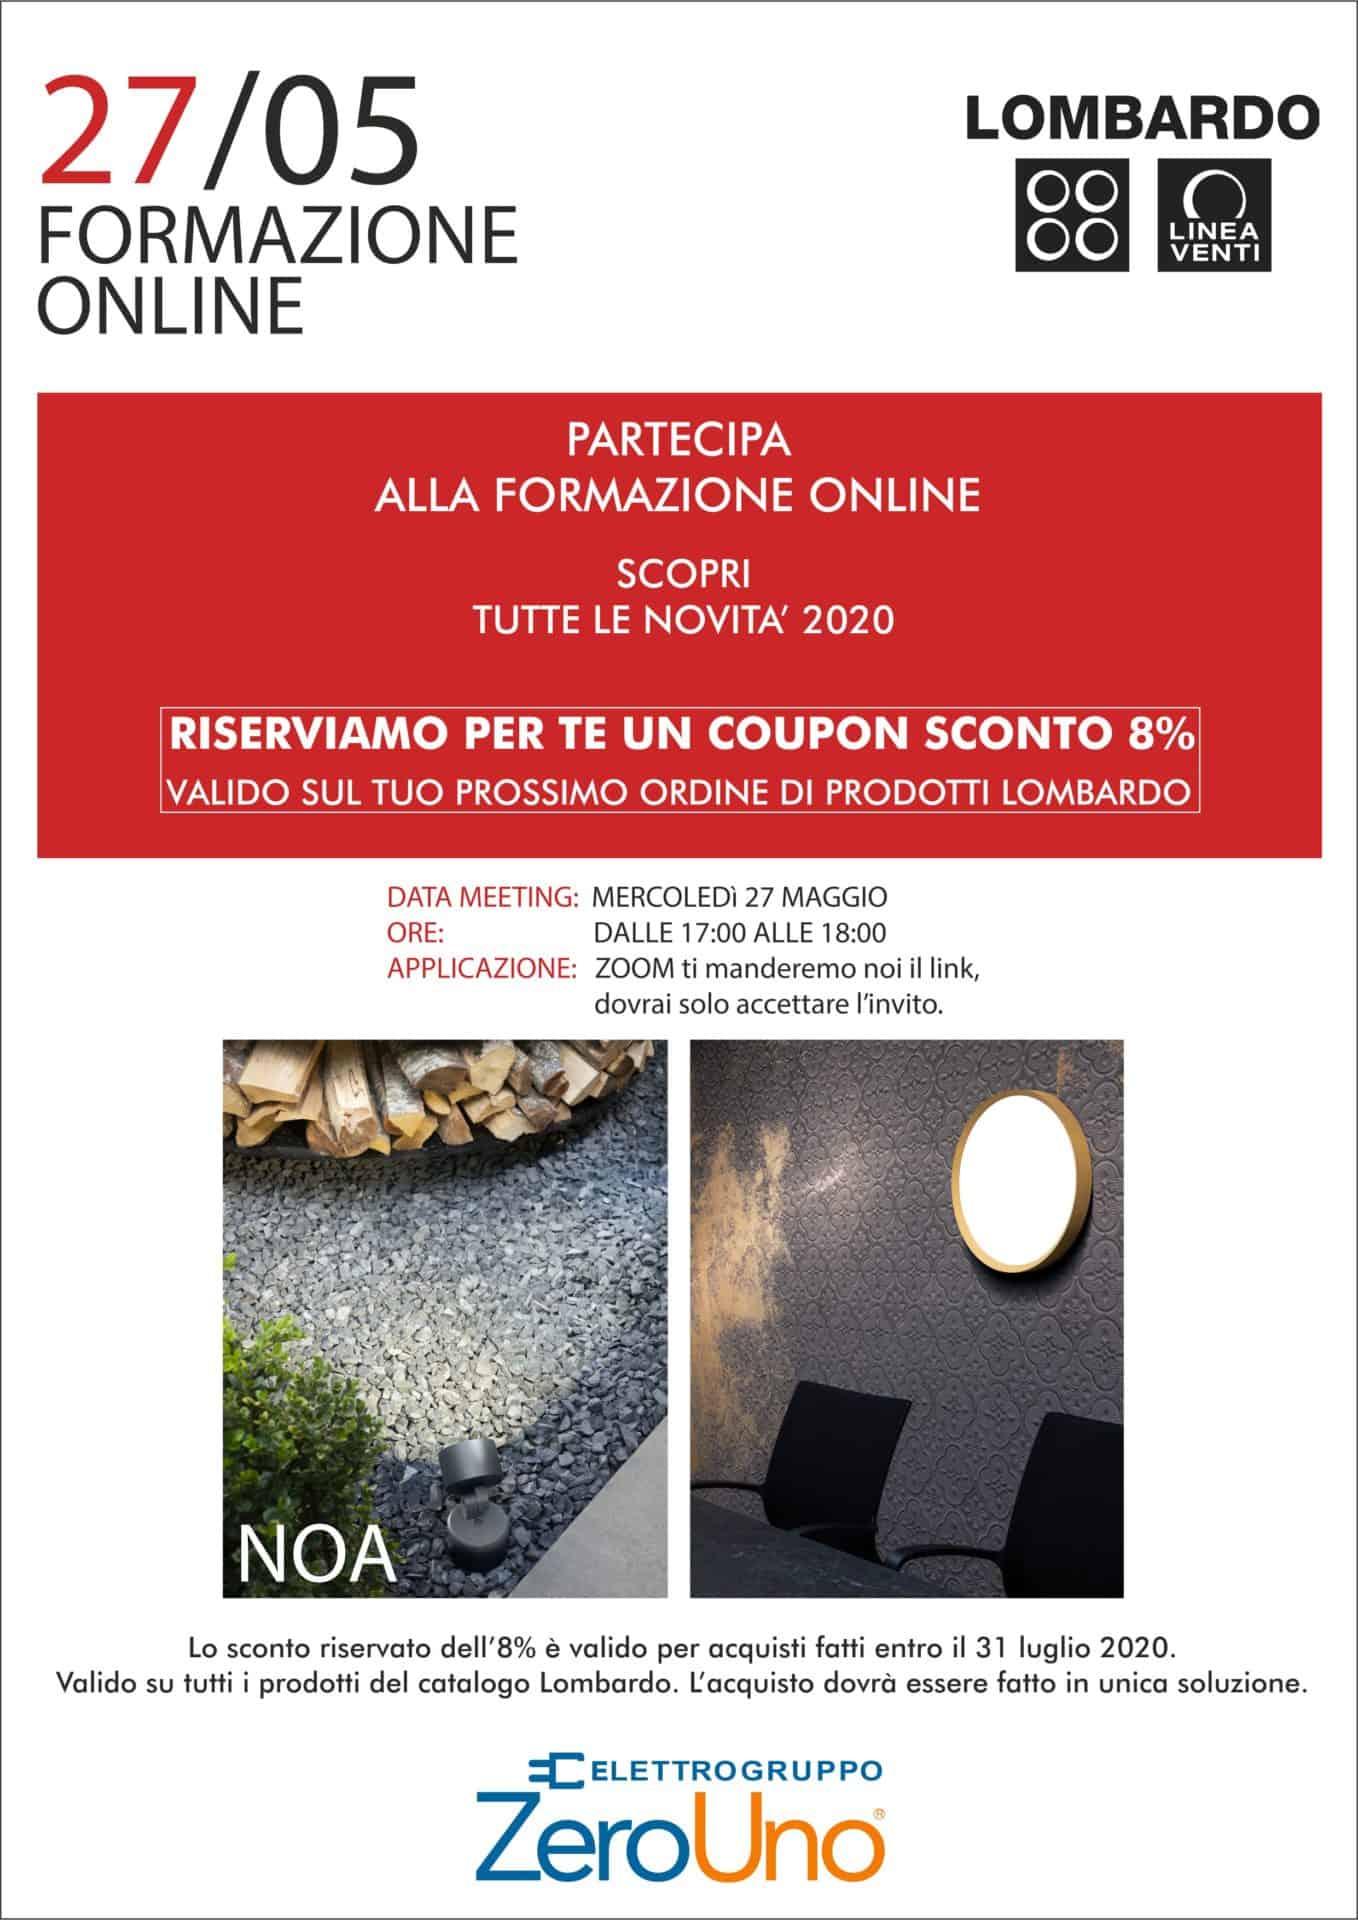 workshop OnLine con lombardo | Elettrogruppo ZeroUno | Beinasco | TO | promozione formazione